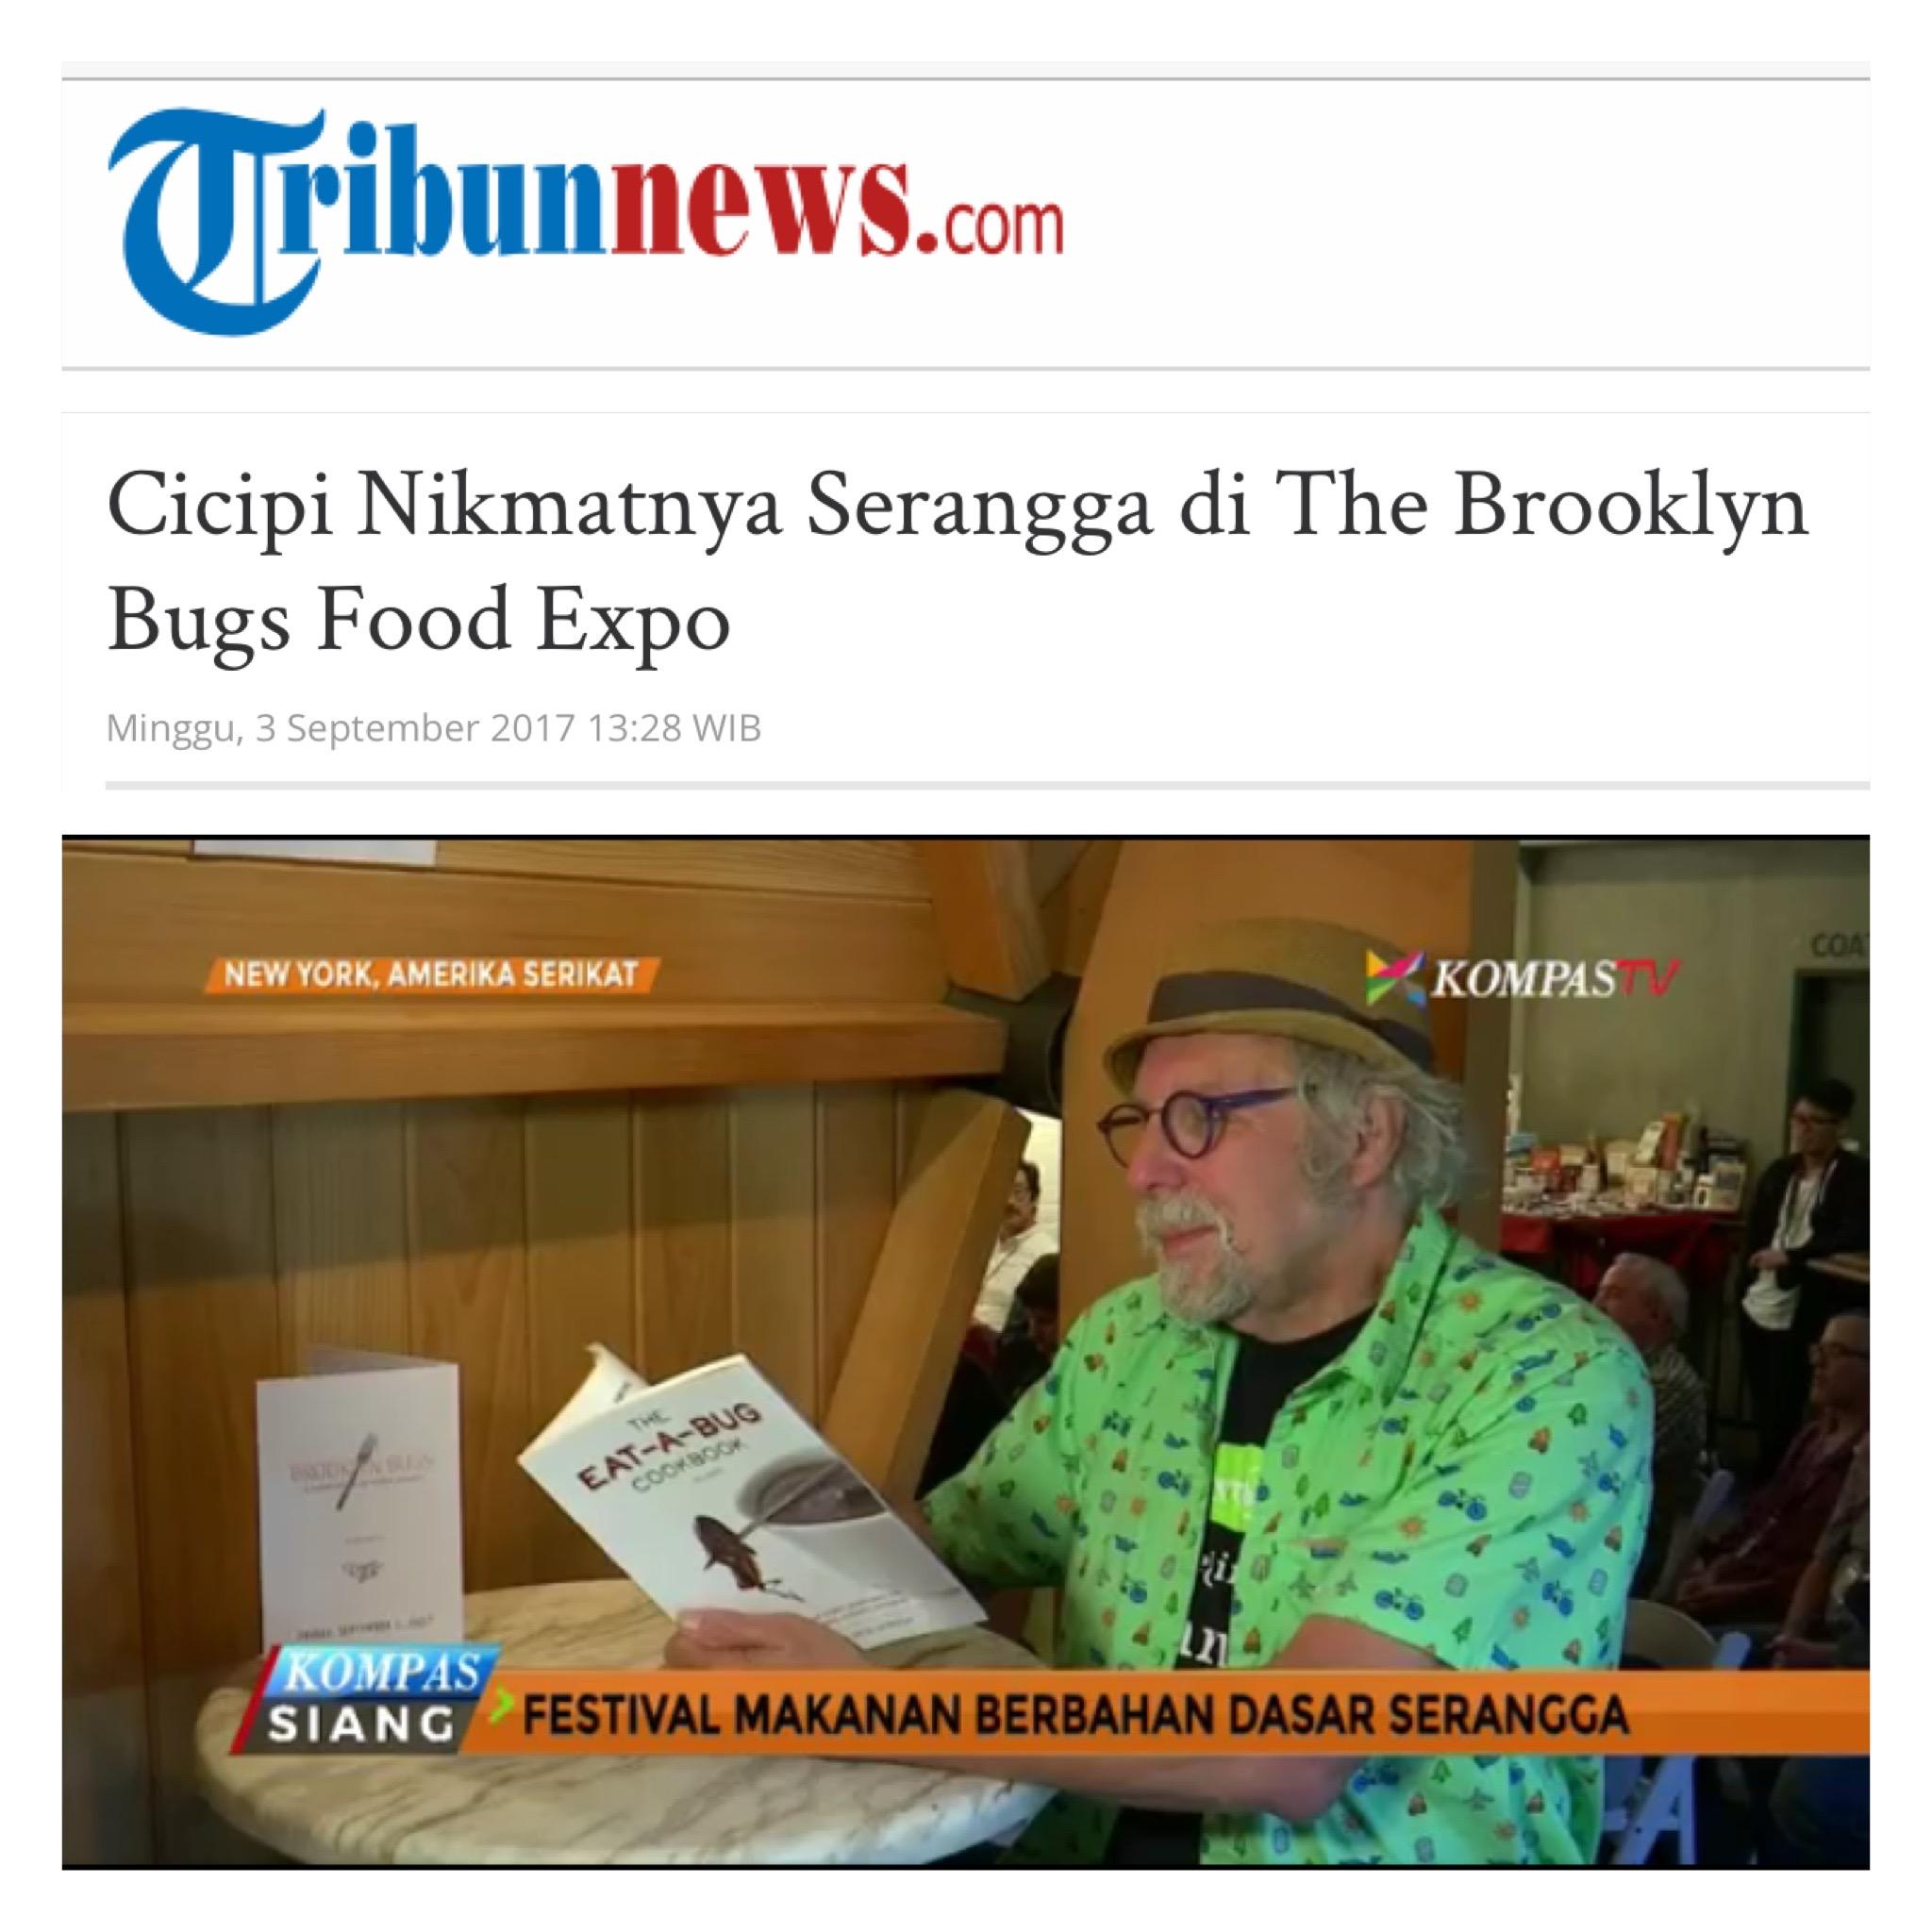 http://www.tribunnews.com/nasional/2017/09/03/cicipi-nikmatnya-serangga-di-the-brooklyn-bugs-food-expo